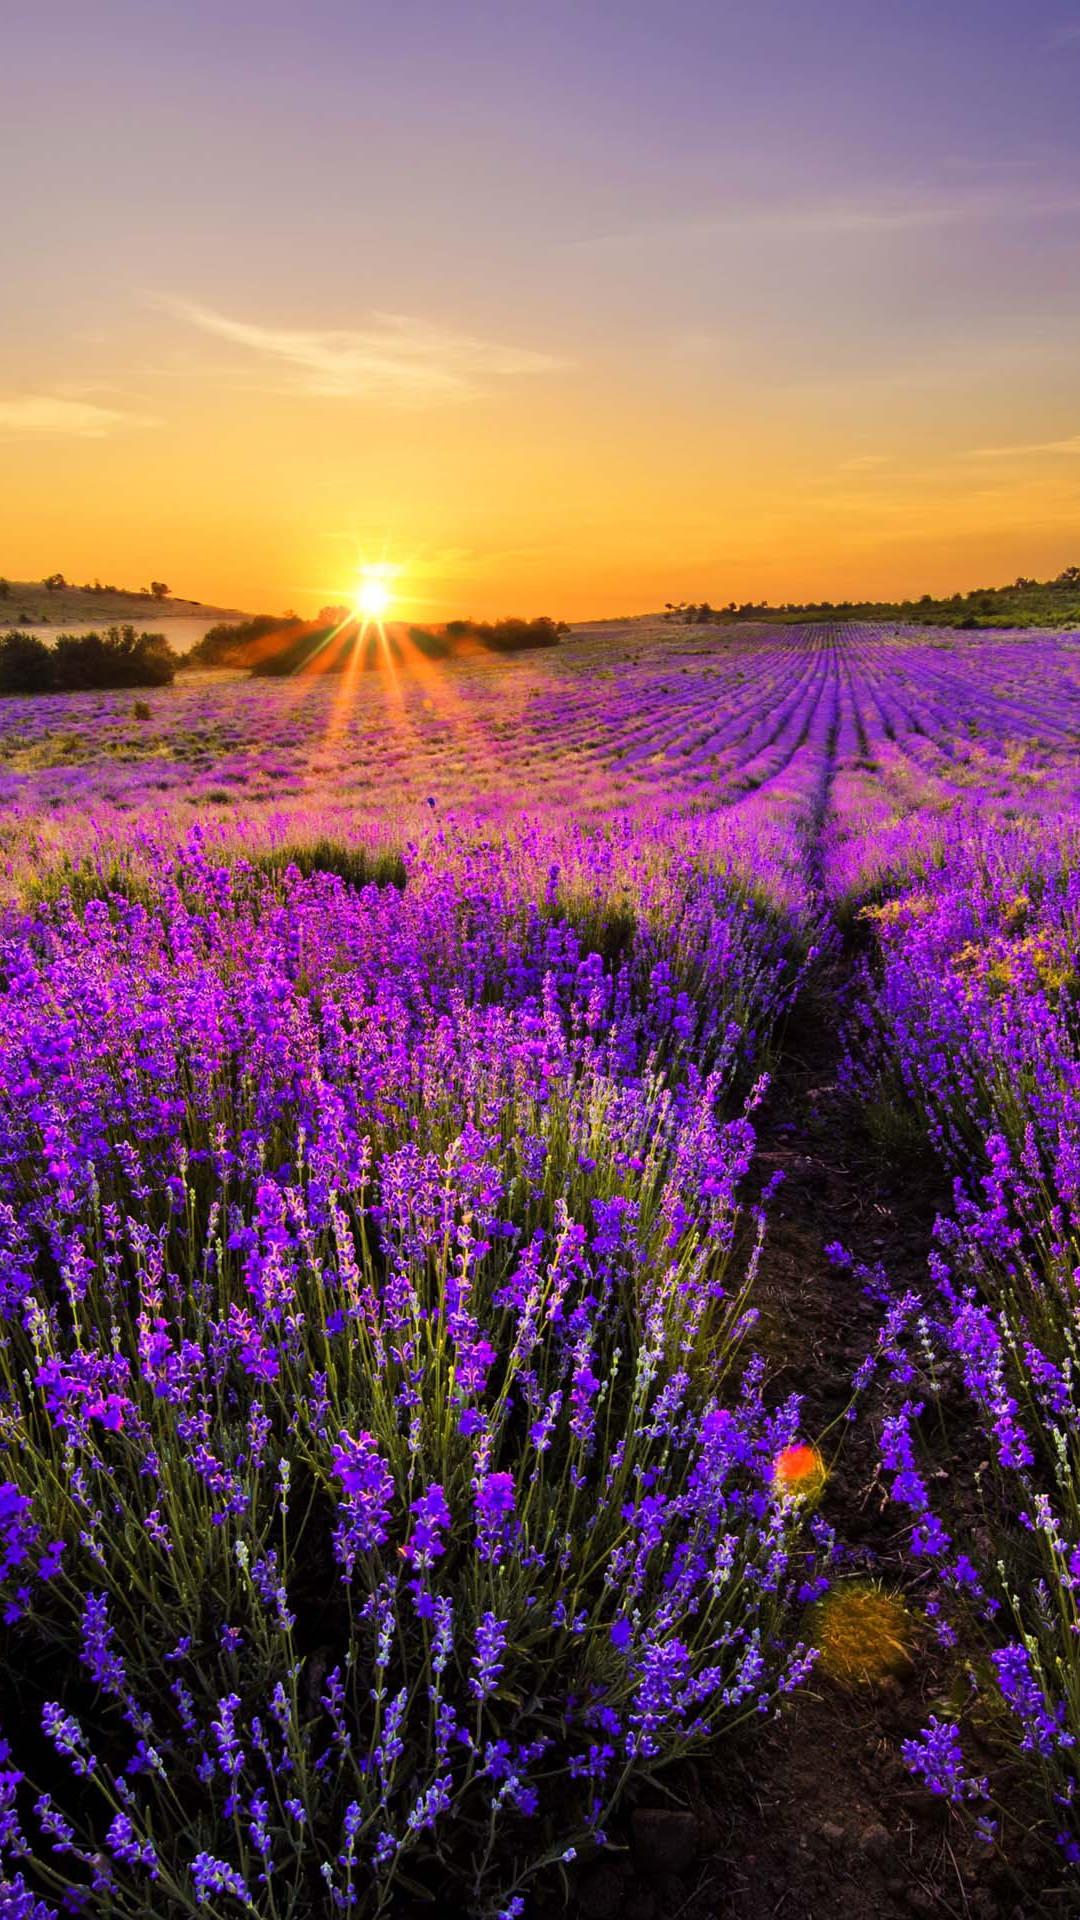 夕日とラベンダー畑 iPhone6 Plus 壁紙